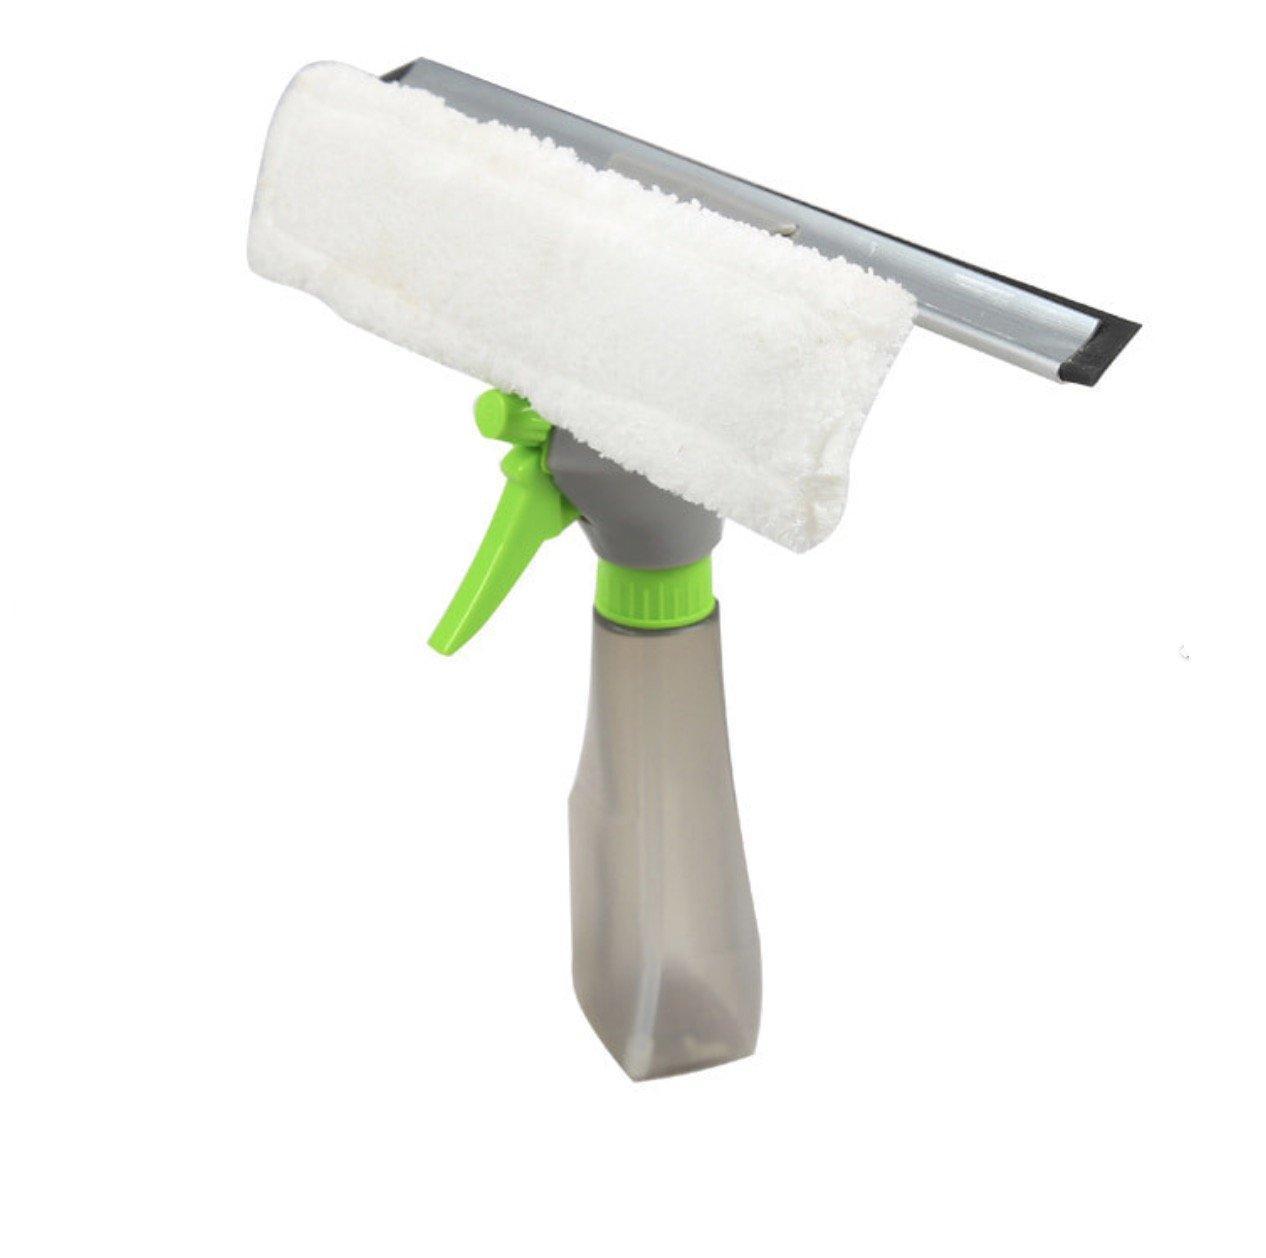 Щетка для мытья окон Easy Glass 3 in 1 Spray Window Cleaner № F08-53